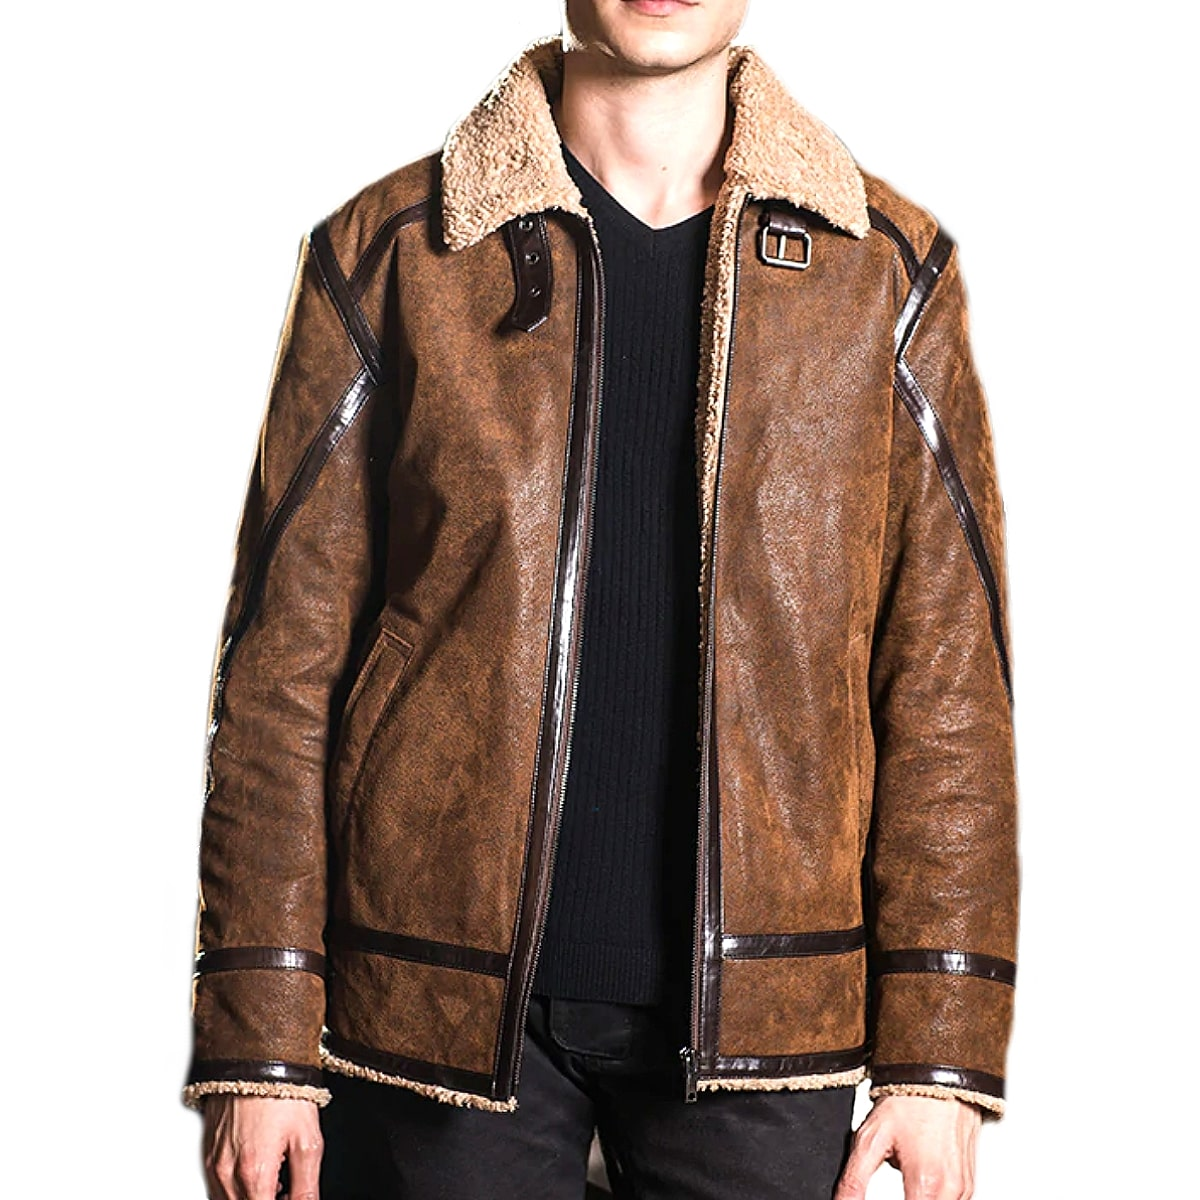 【送料無料!】全10サイズ! [Men's Double Face Fur Pigskin Genuine Leather Jacket] メンズ ダブルフェイスファー ピッグスキン ジェニュインレザージャケット! 本革 豚革 革ジャン ライダース フェイクファー ボア襟 コート アウター バイクに!